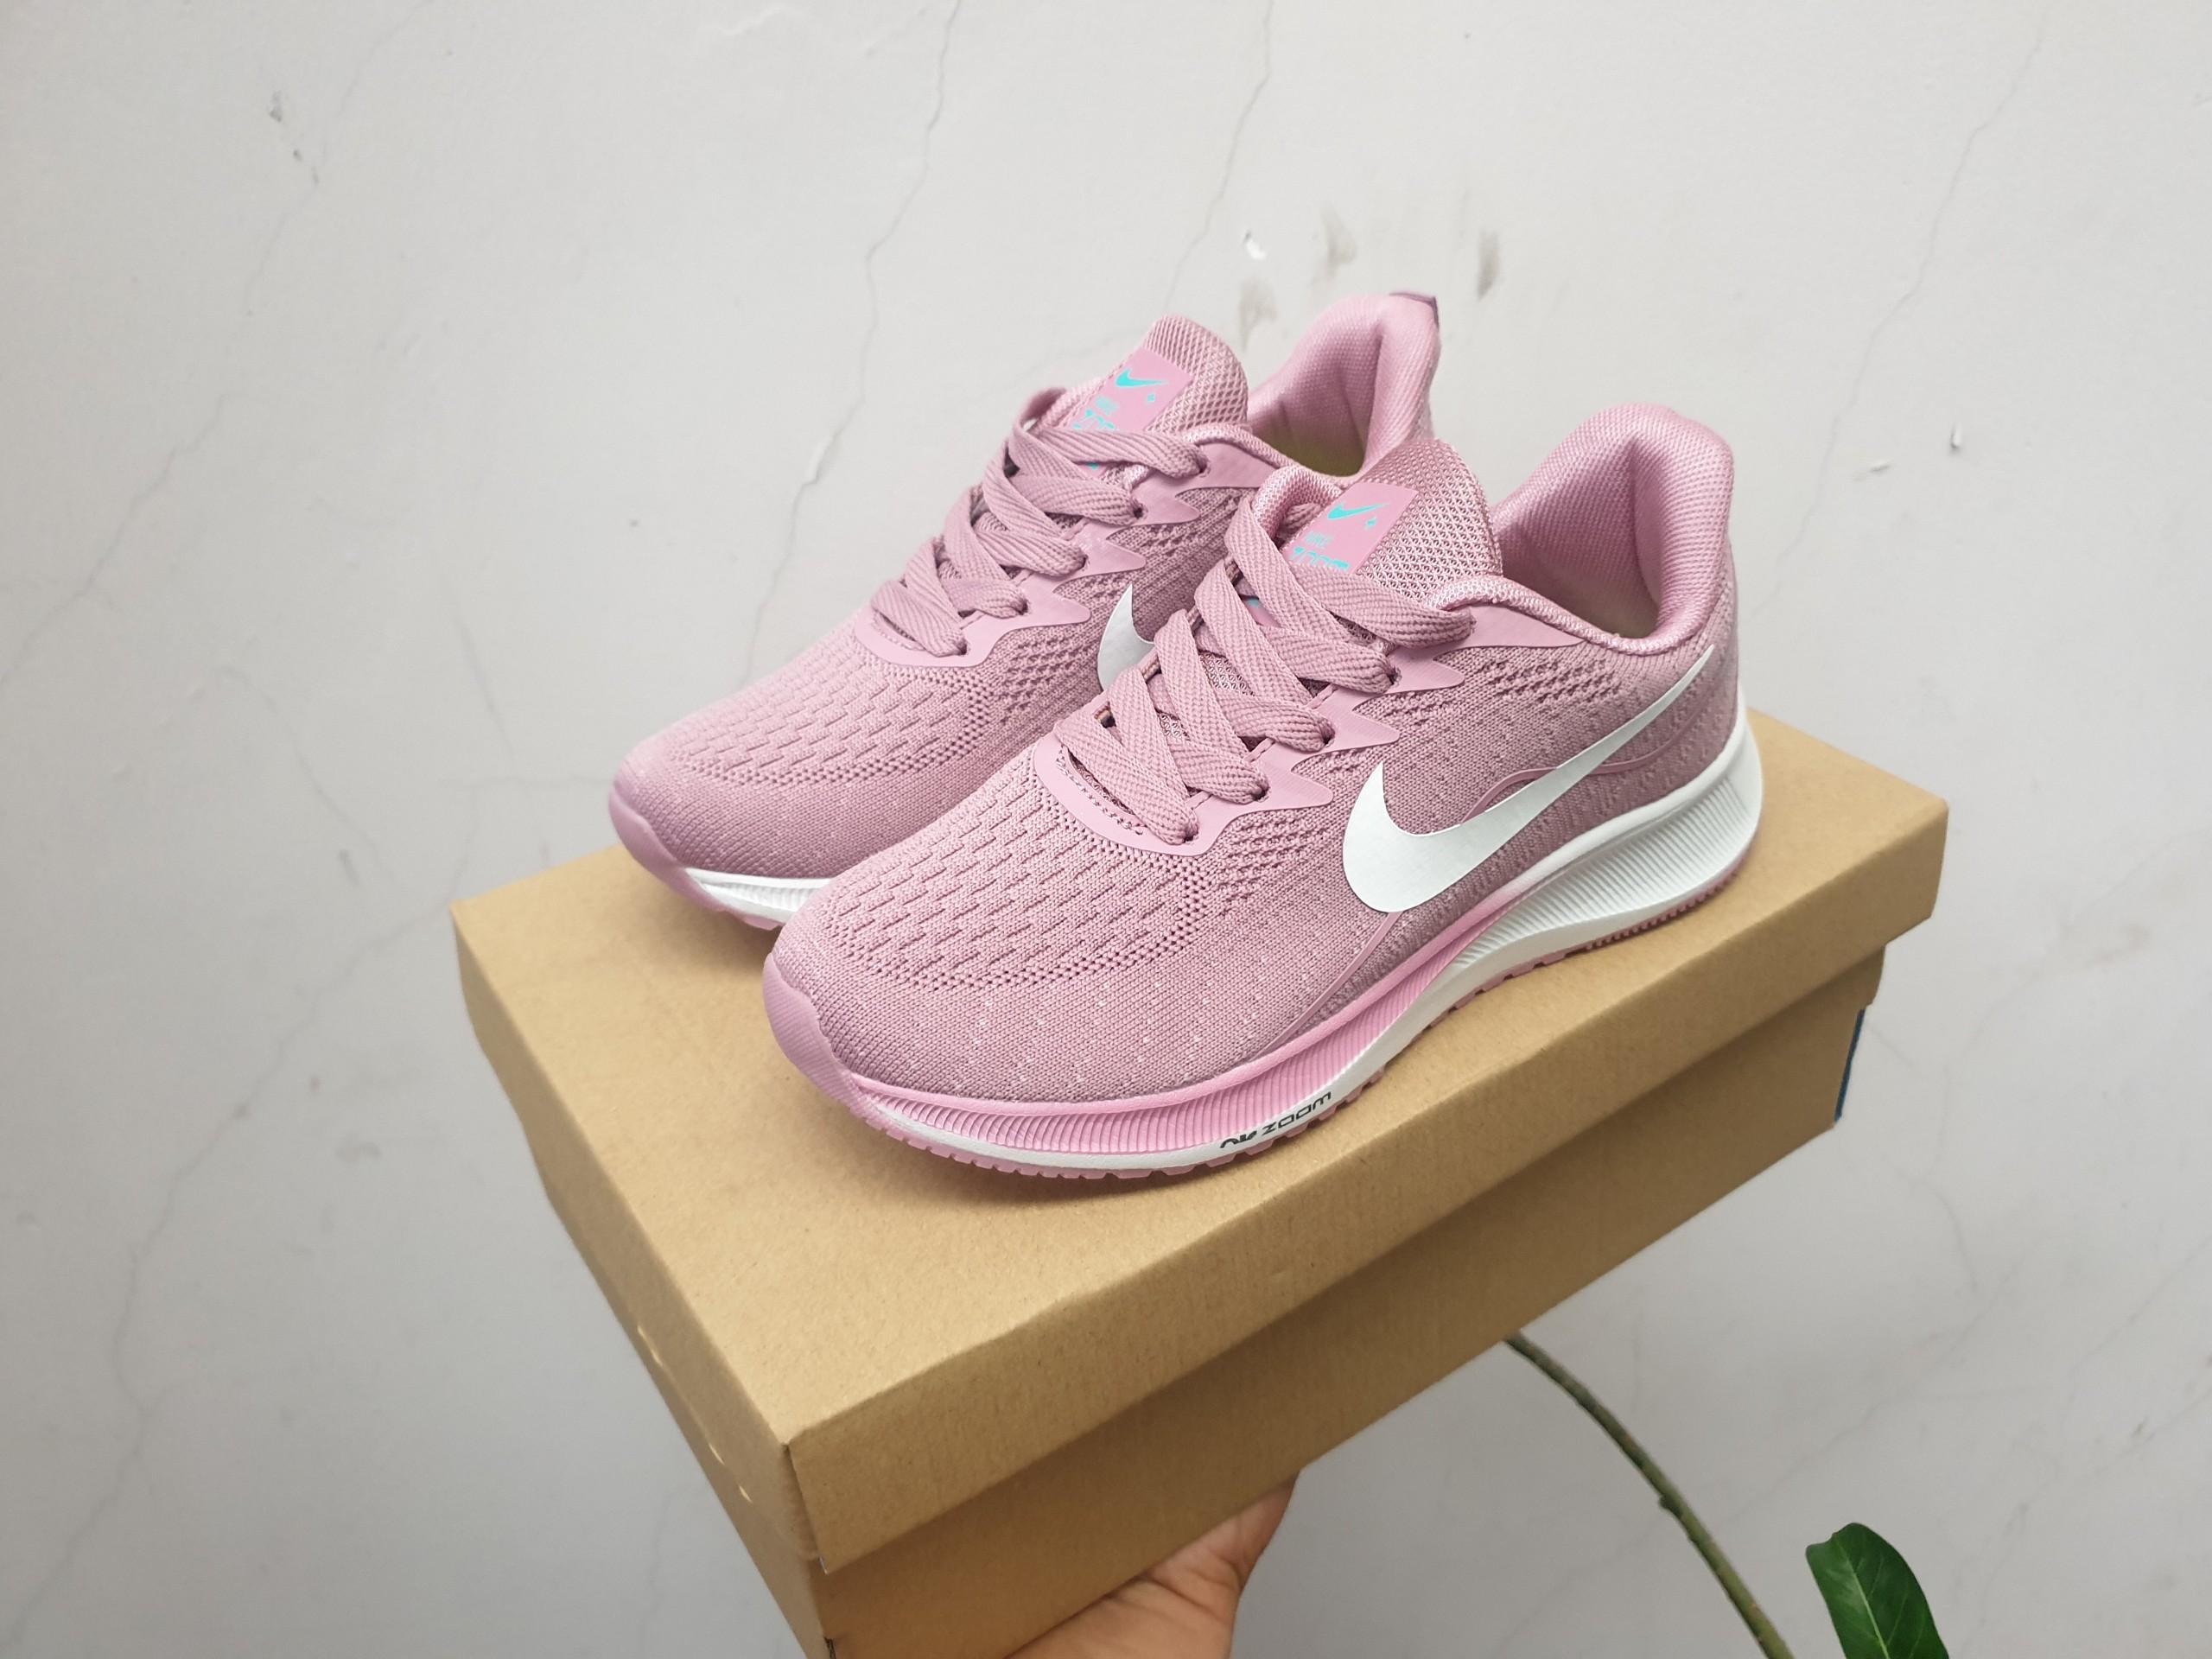 Giày Nike Zoom 1 hồng đậm